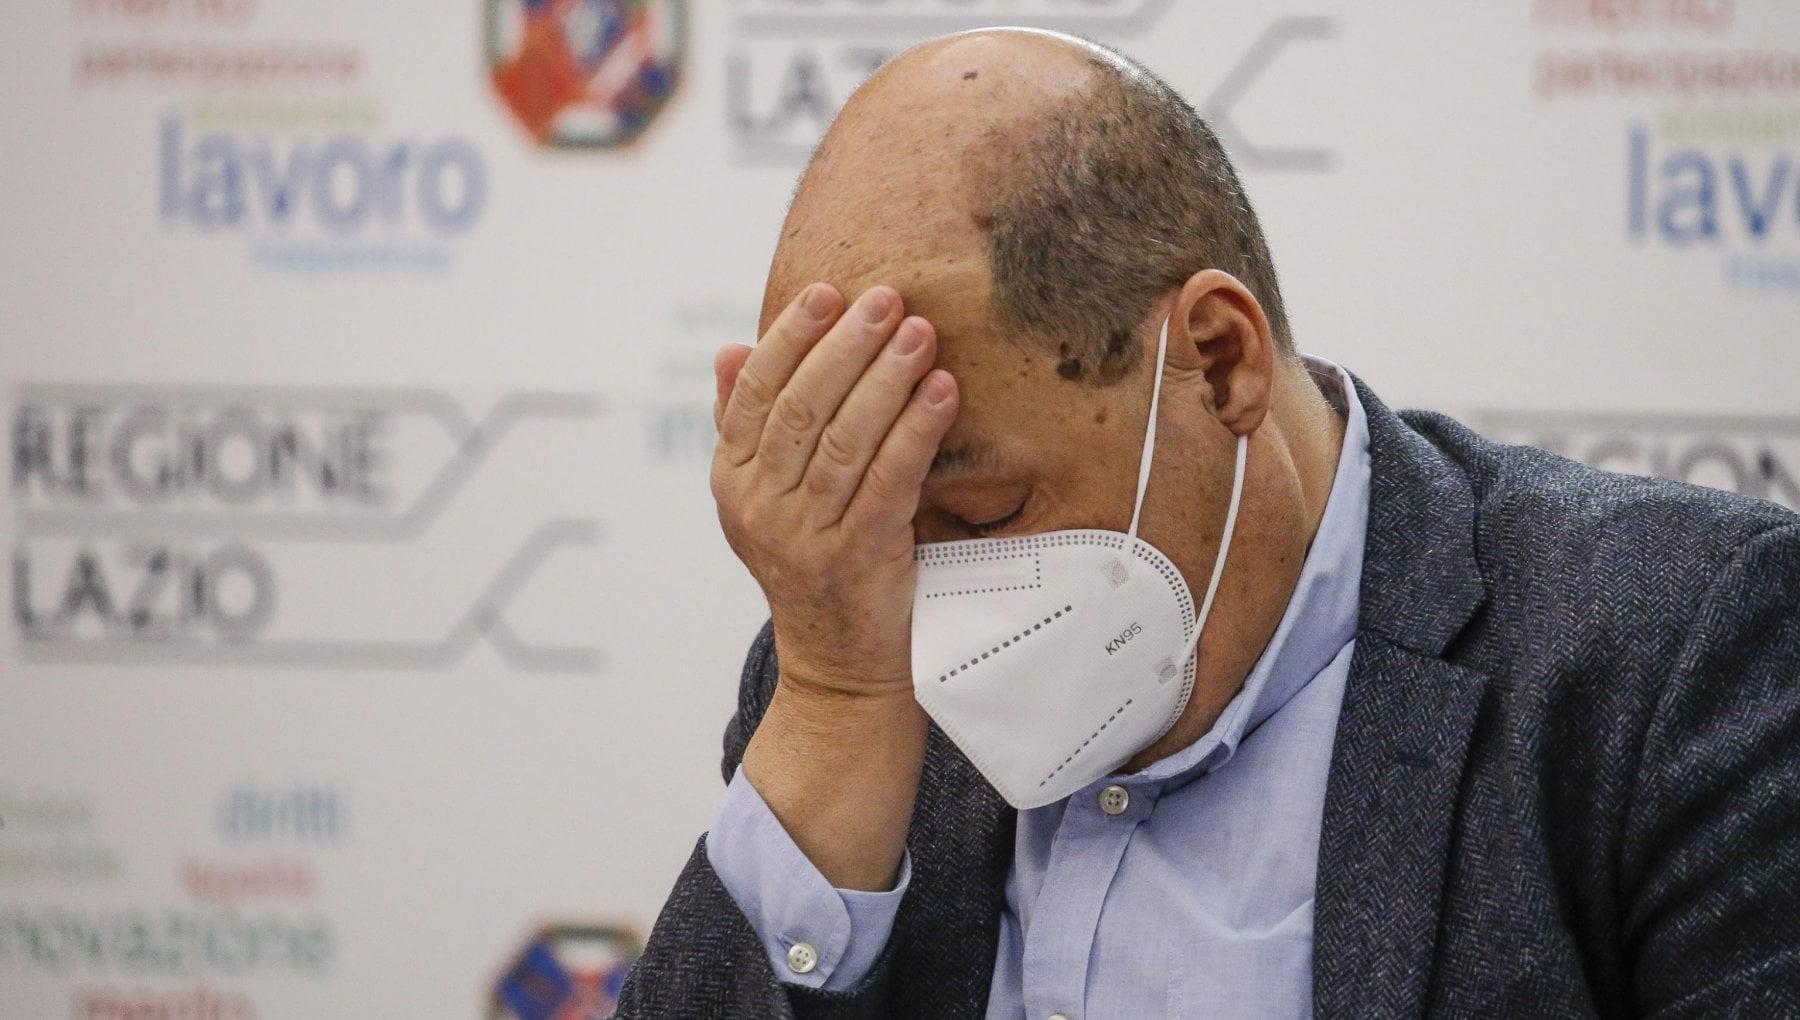 """Zingaretti: """"È uno stillicidio e il bersaglio sono io, mi dimetto da segretario del Pd"""""""